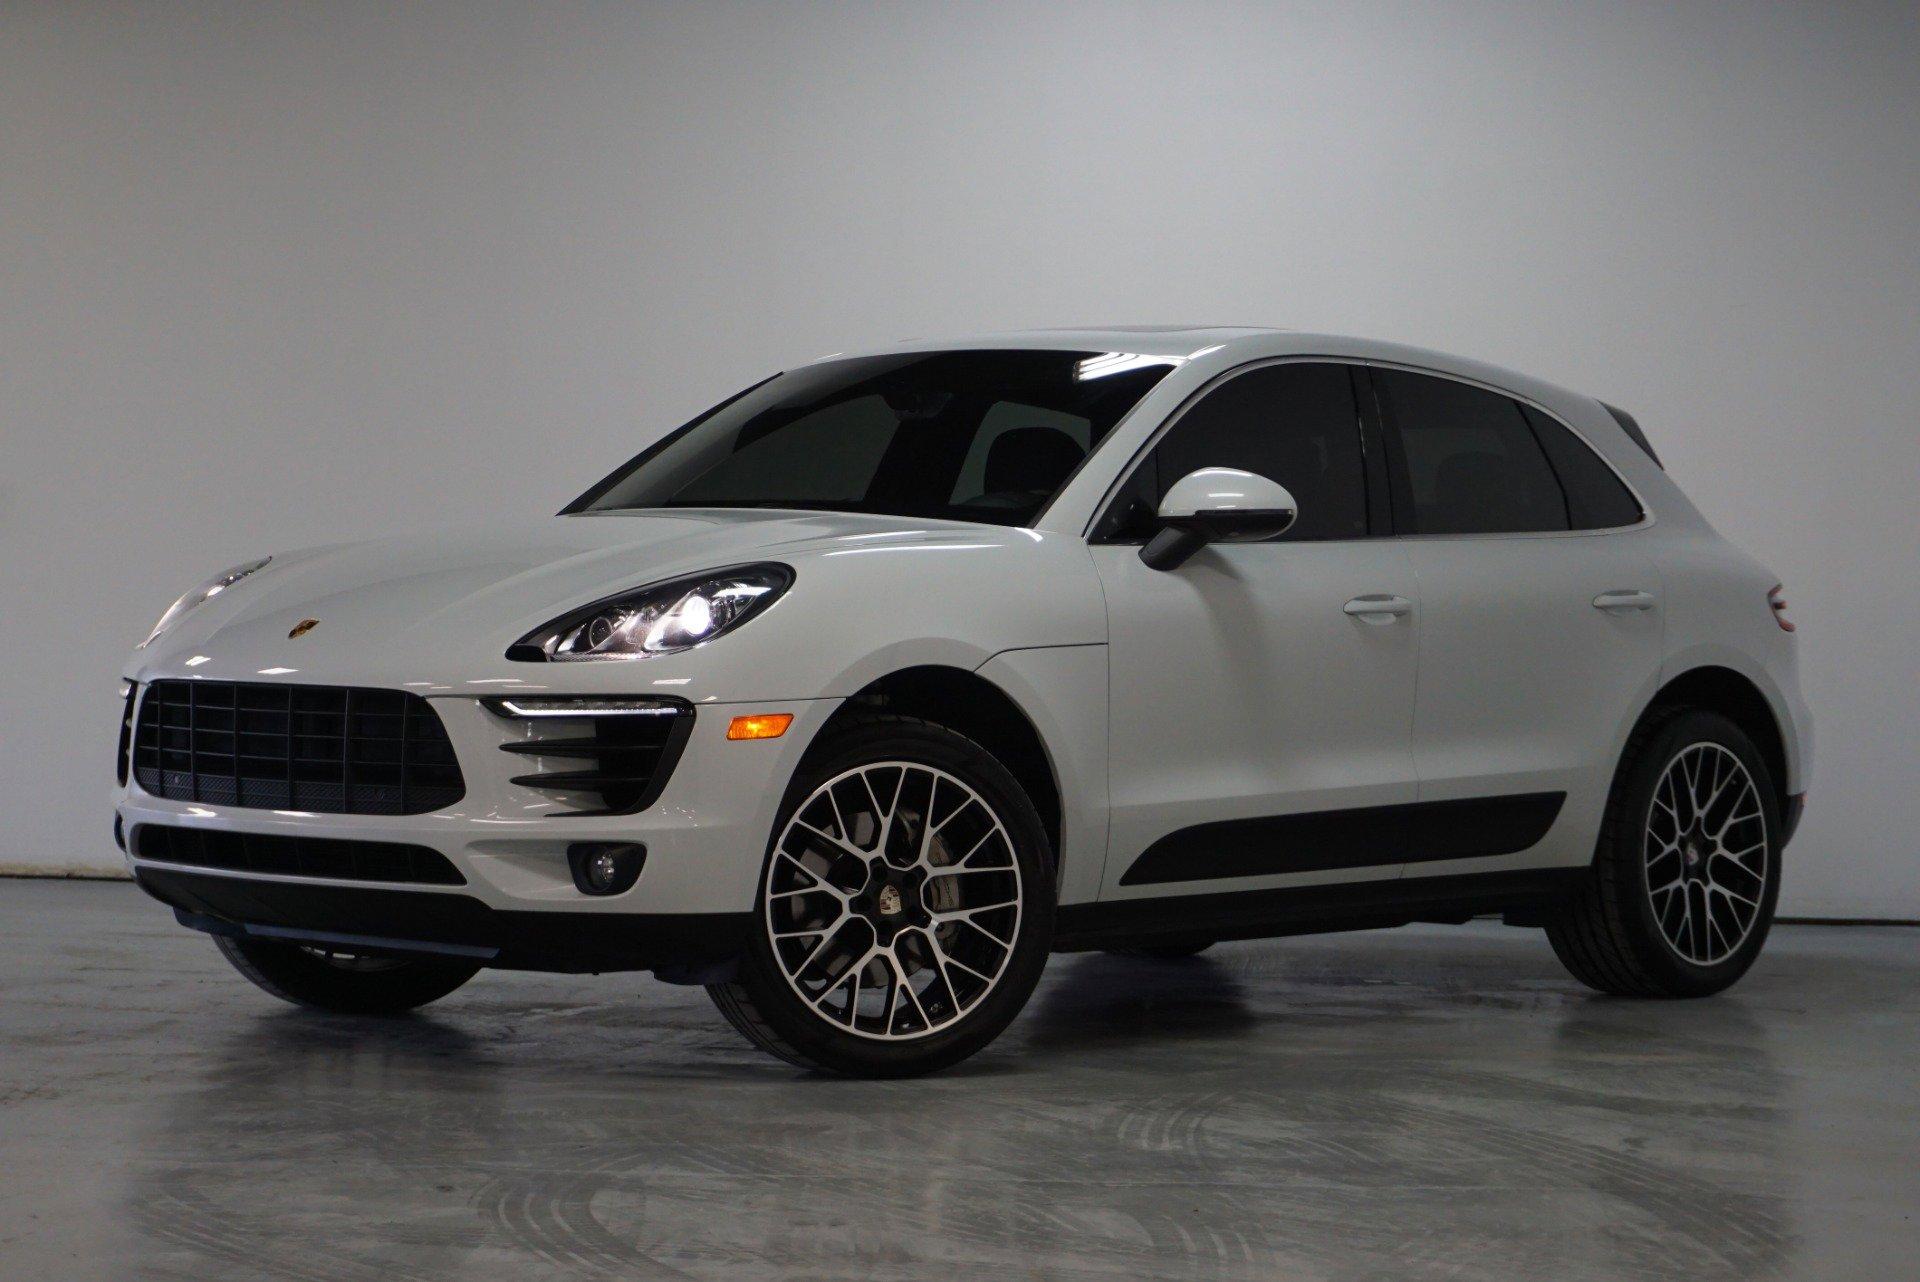 2016 Porsche Macan S image